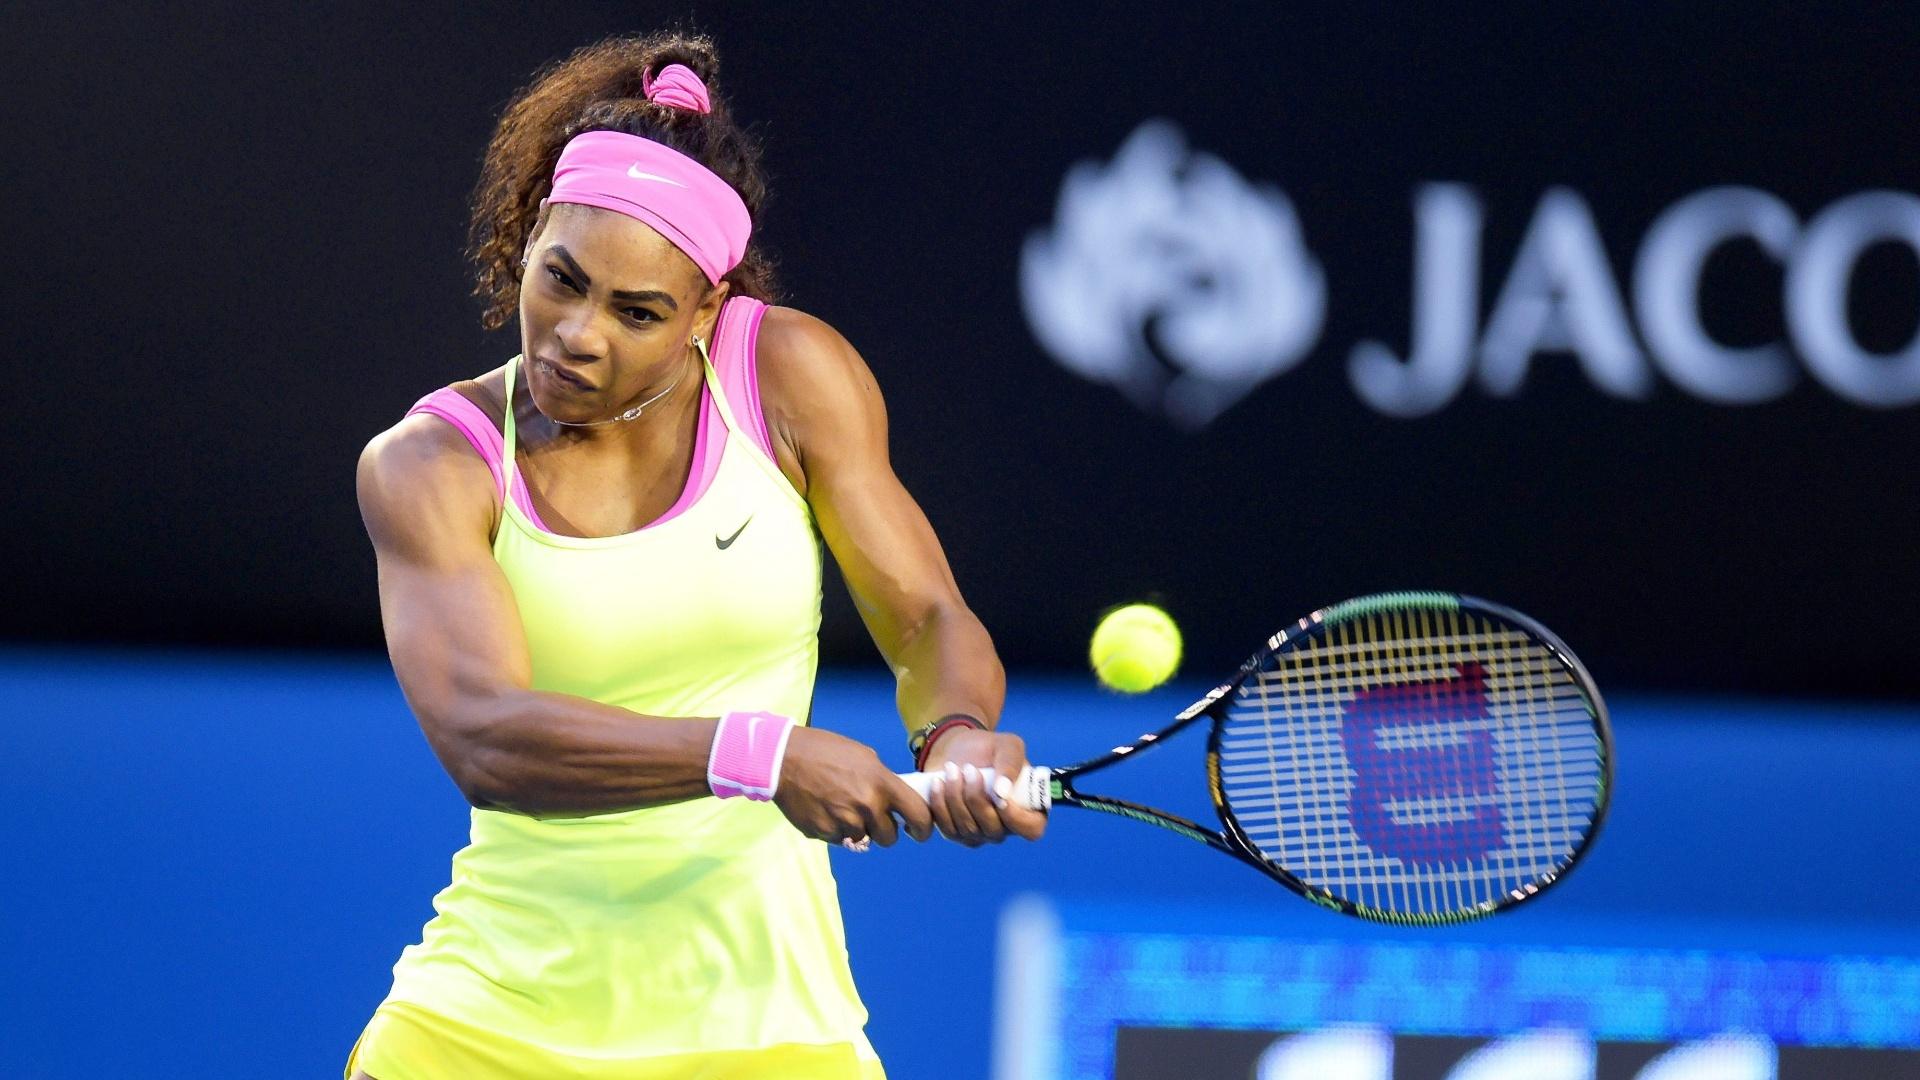 Serena chegou à final ostentando cinco títulos no Aberto da Austrália